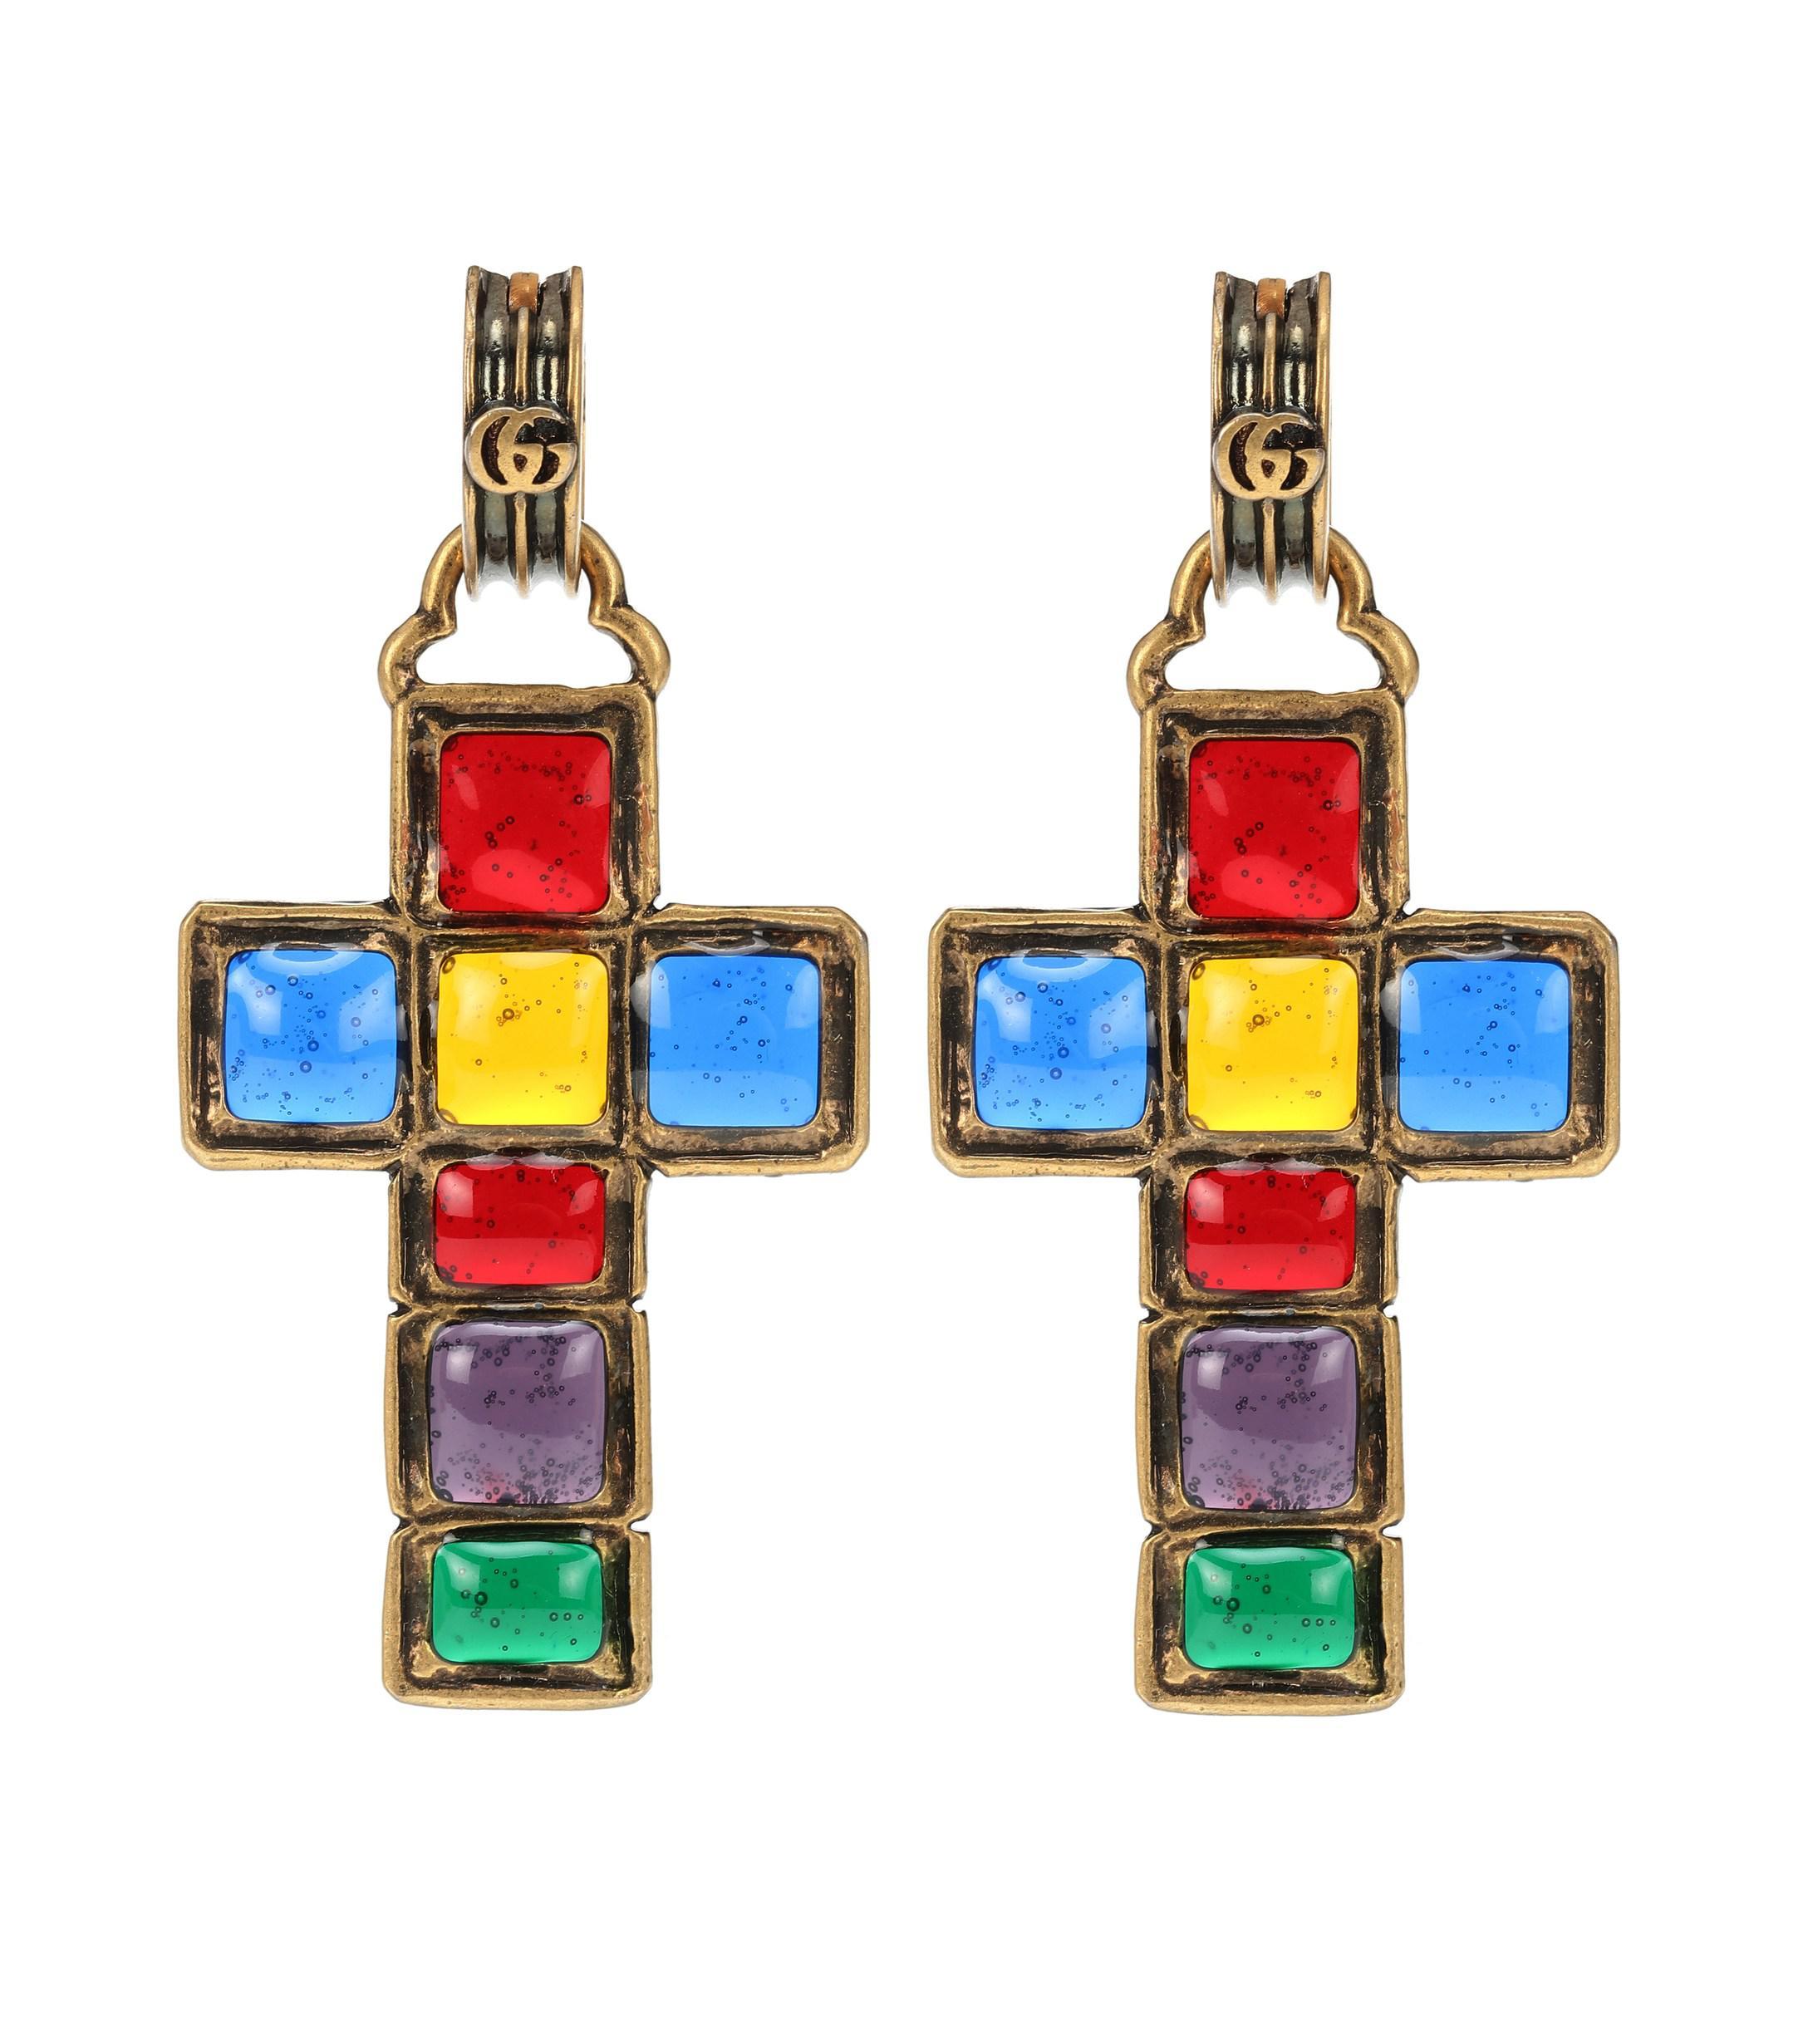 4c8fe0a4371 Lyst - Gucci Cross Pendant Earrings in Blue